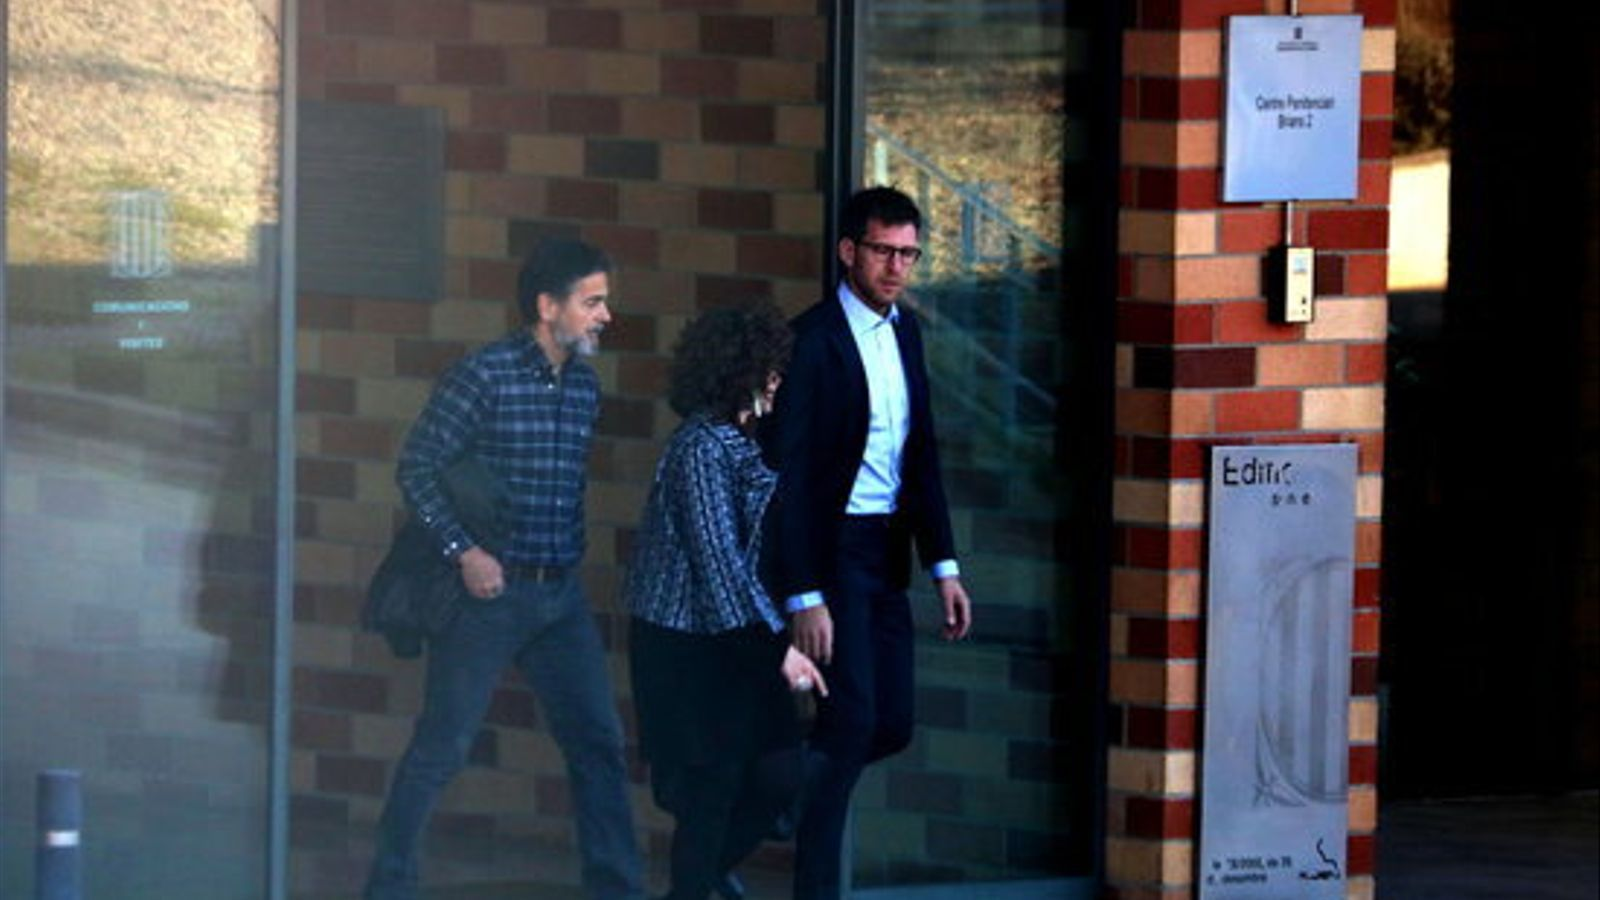 Autoritzen que Oriol Pujol surti de la presó per anar a treballar a partir de dilluns